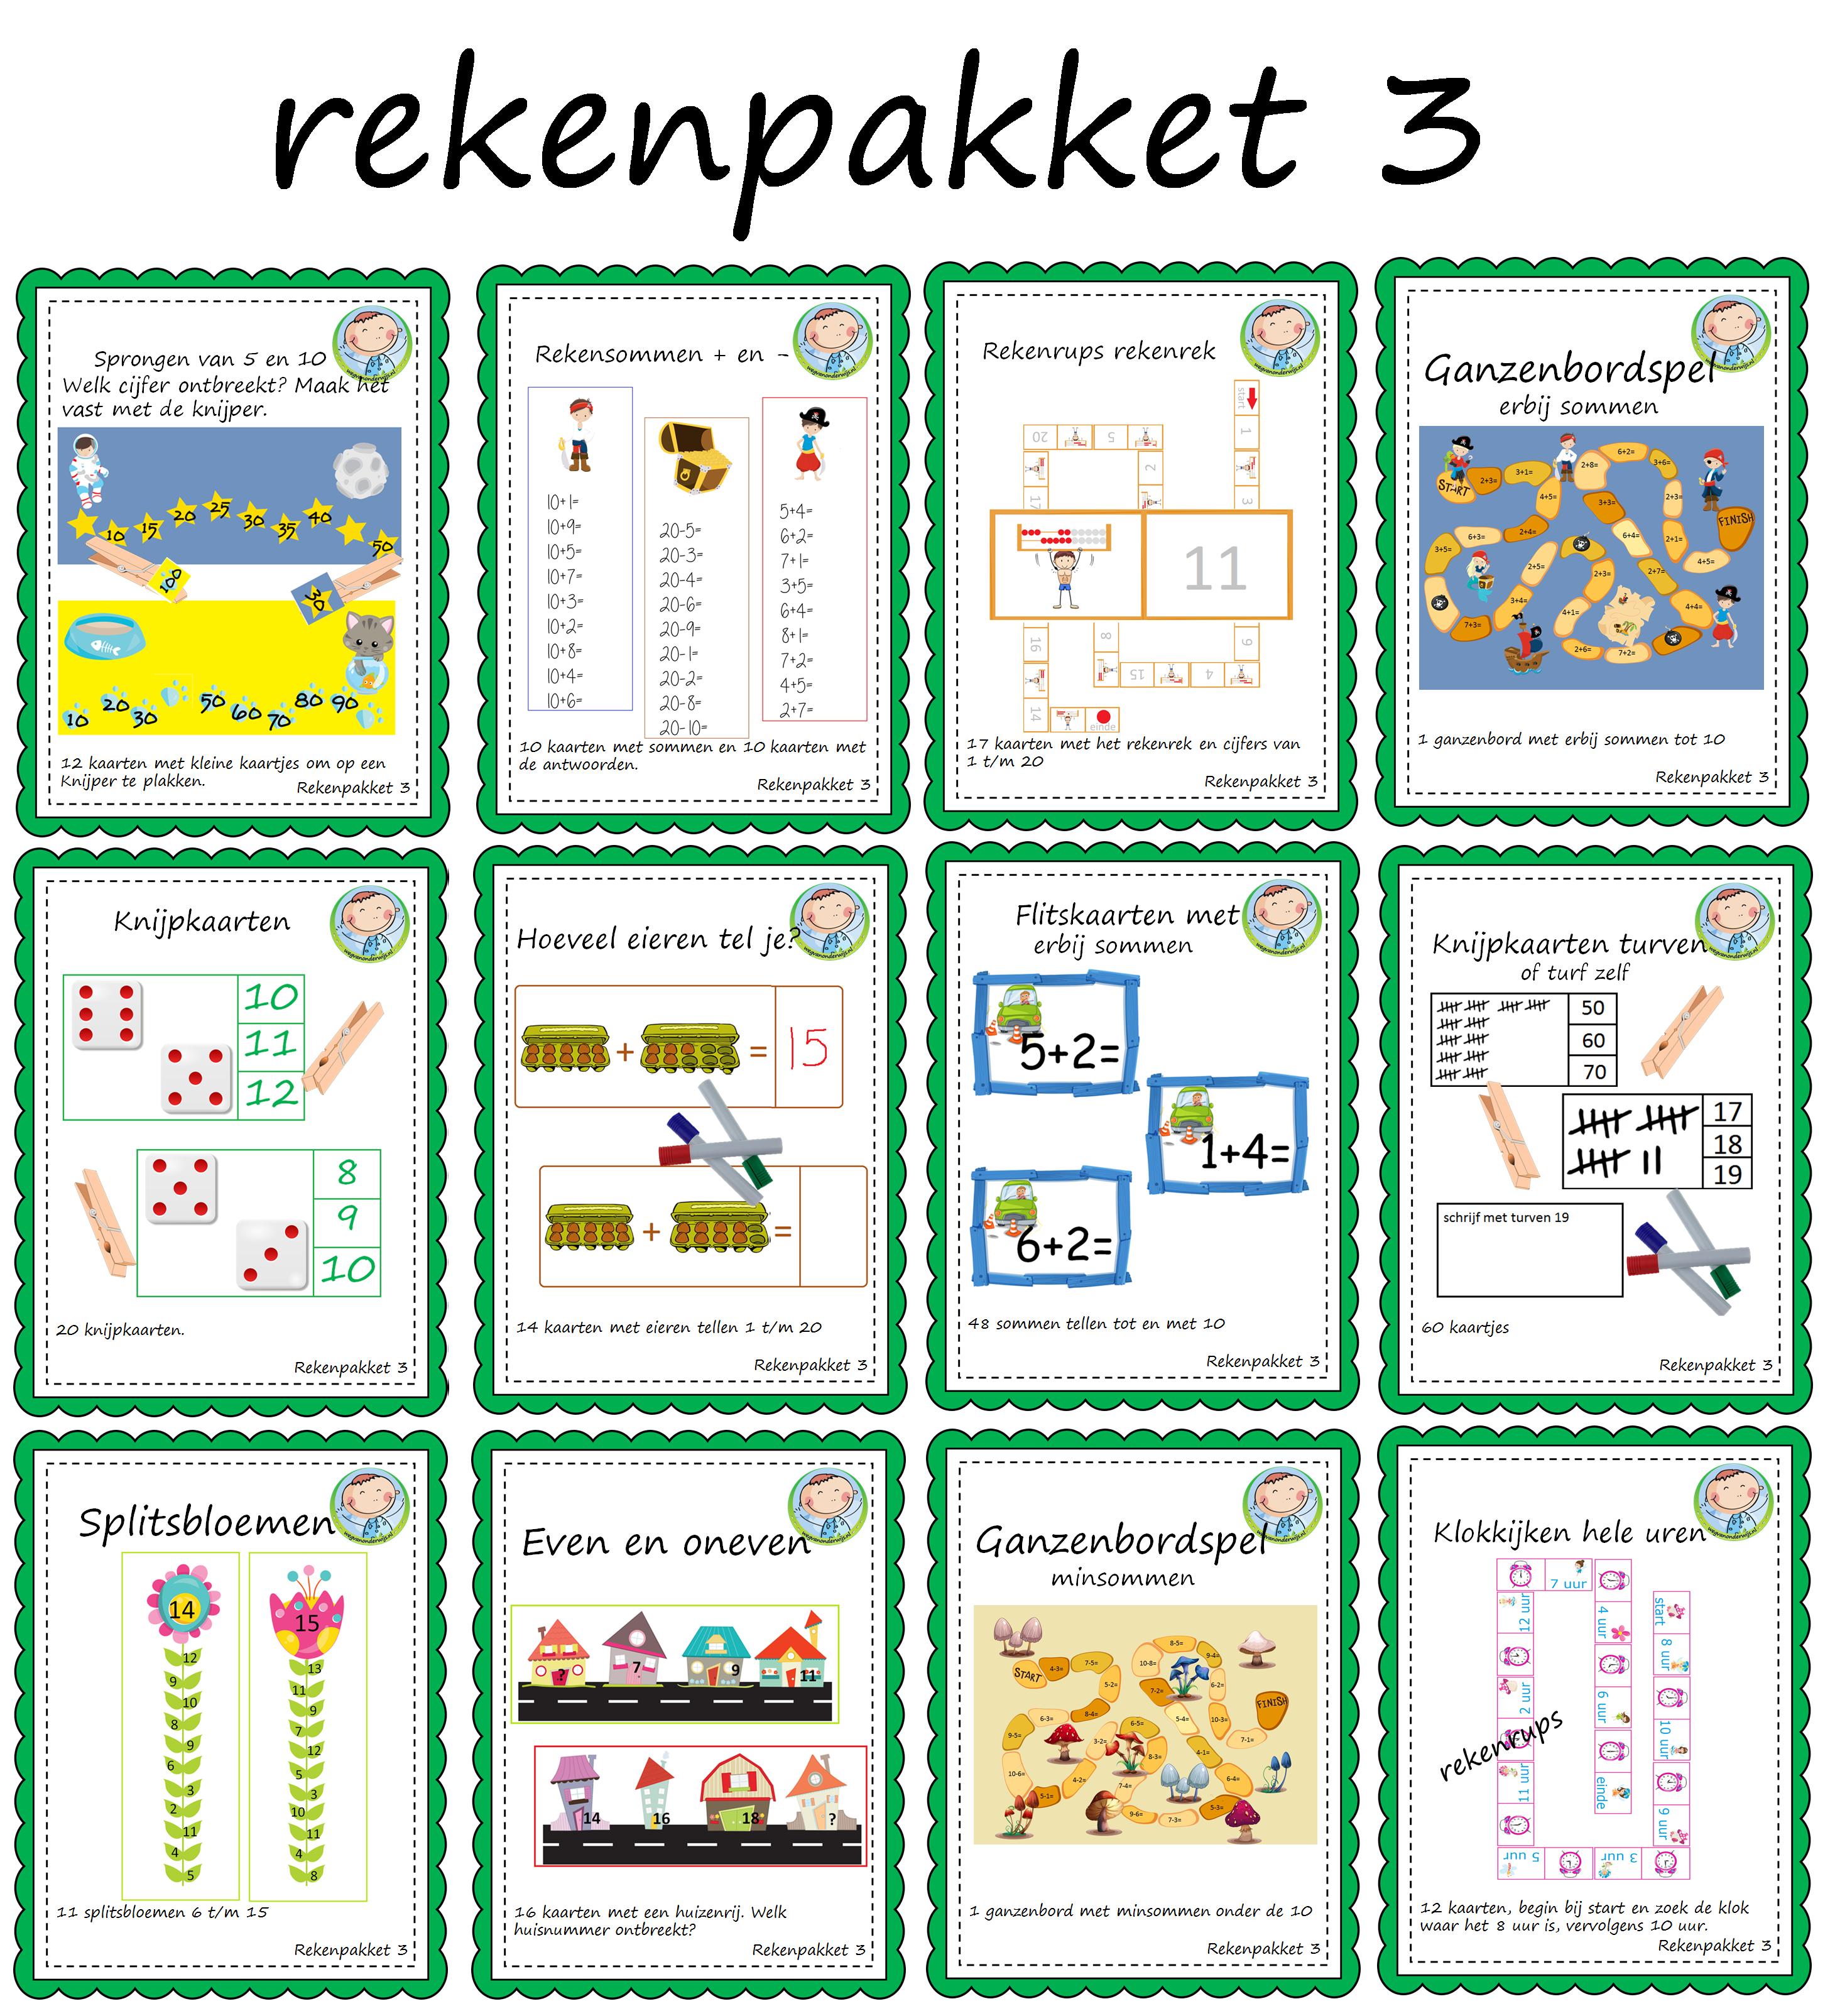 Hedendaags Rekenenpakketten voor groep 3 - Weg van onderwijs DK-29